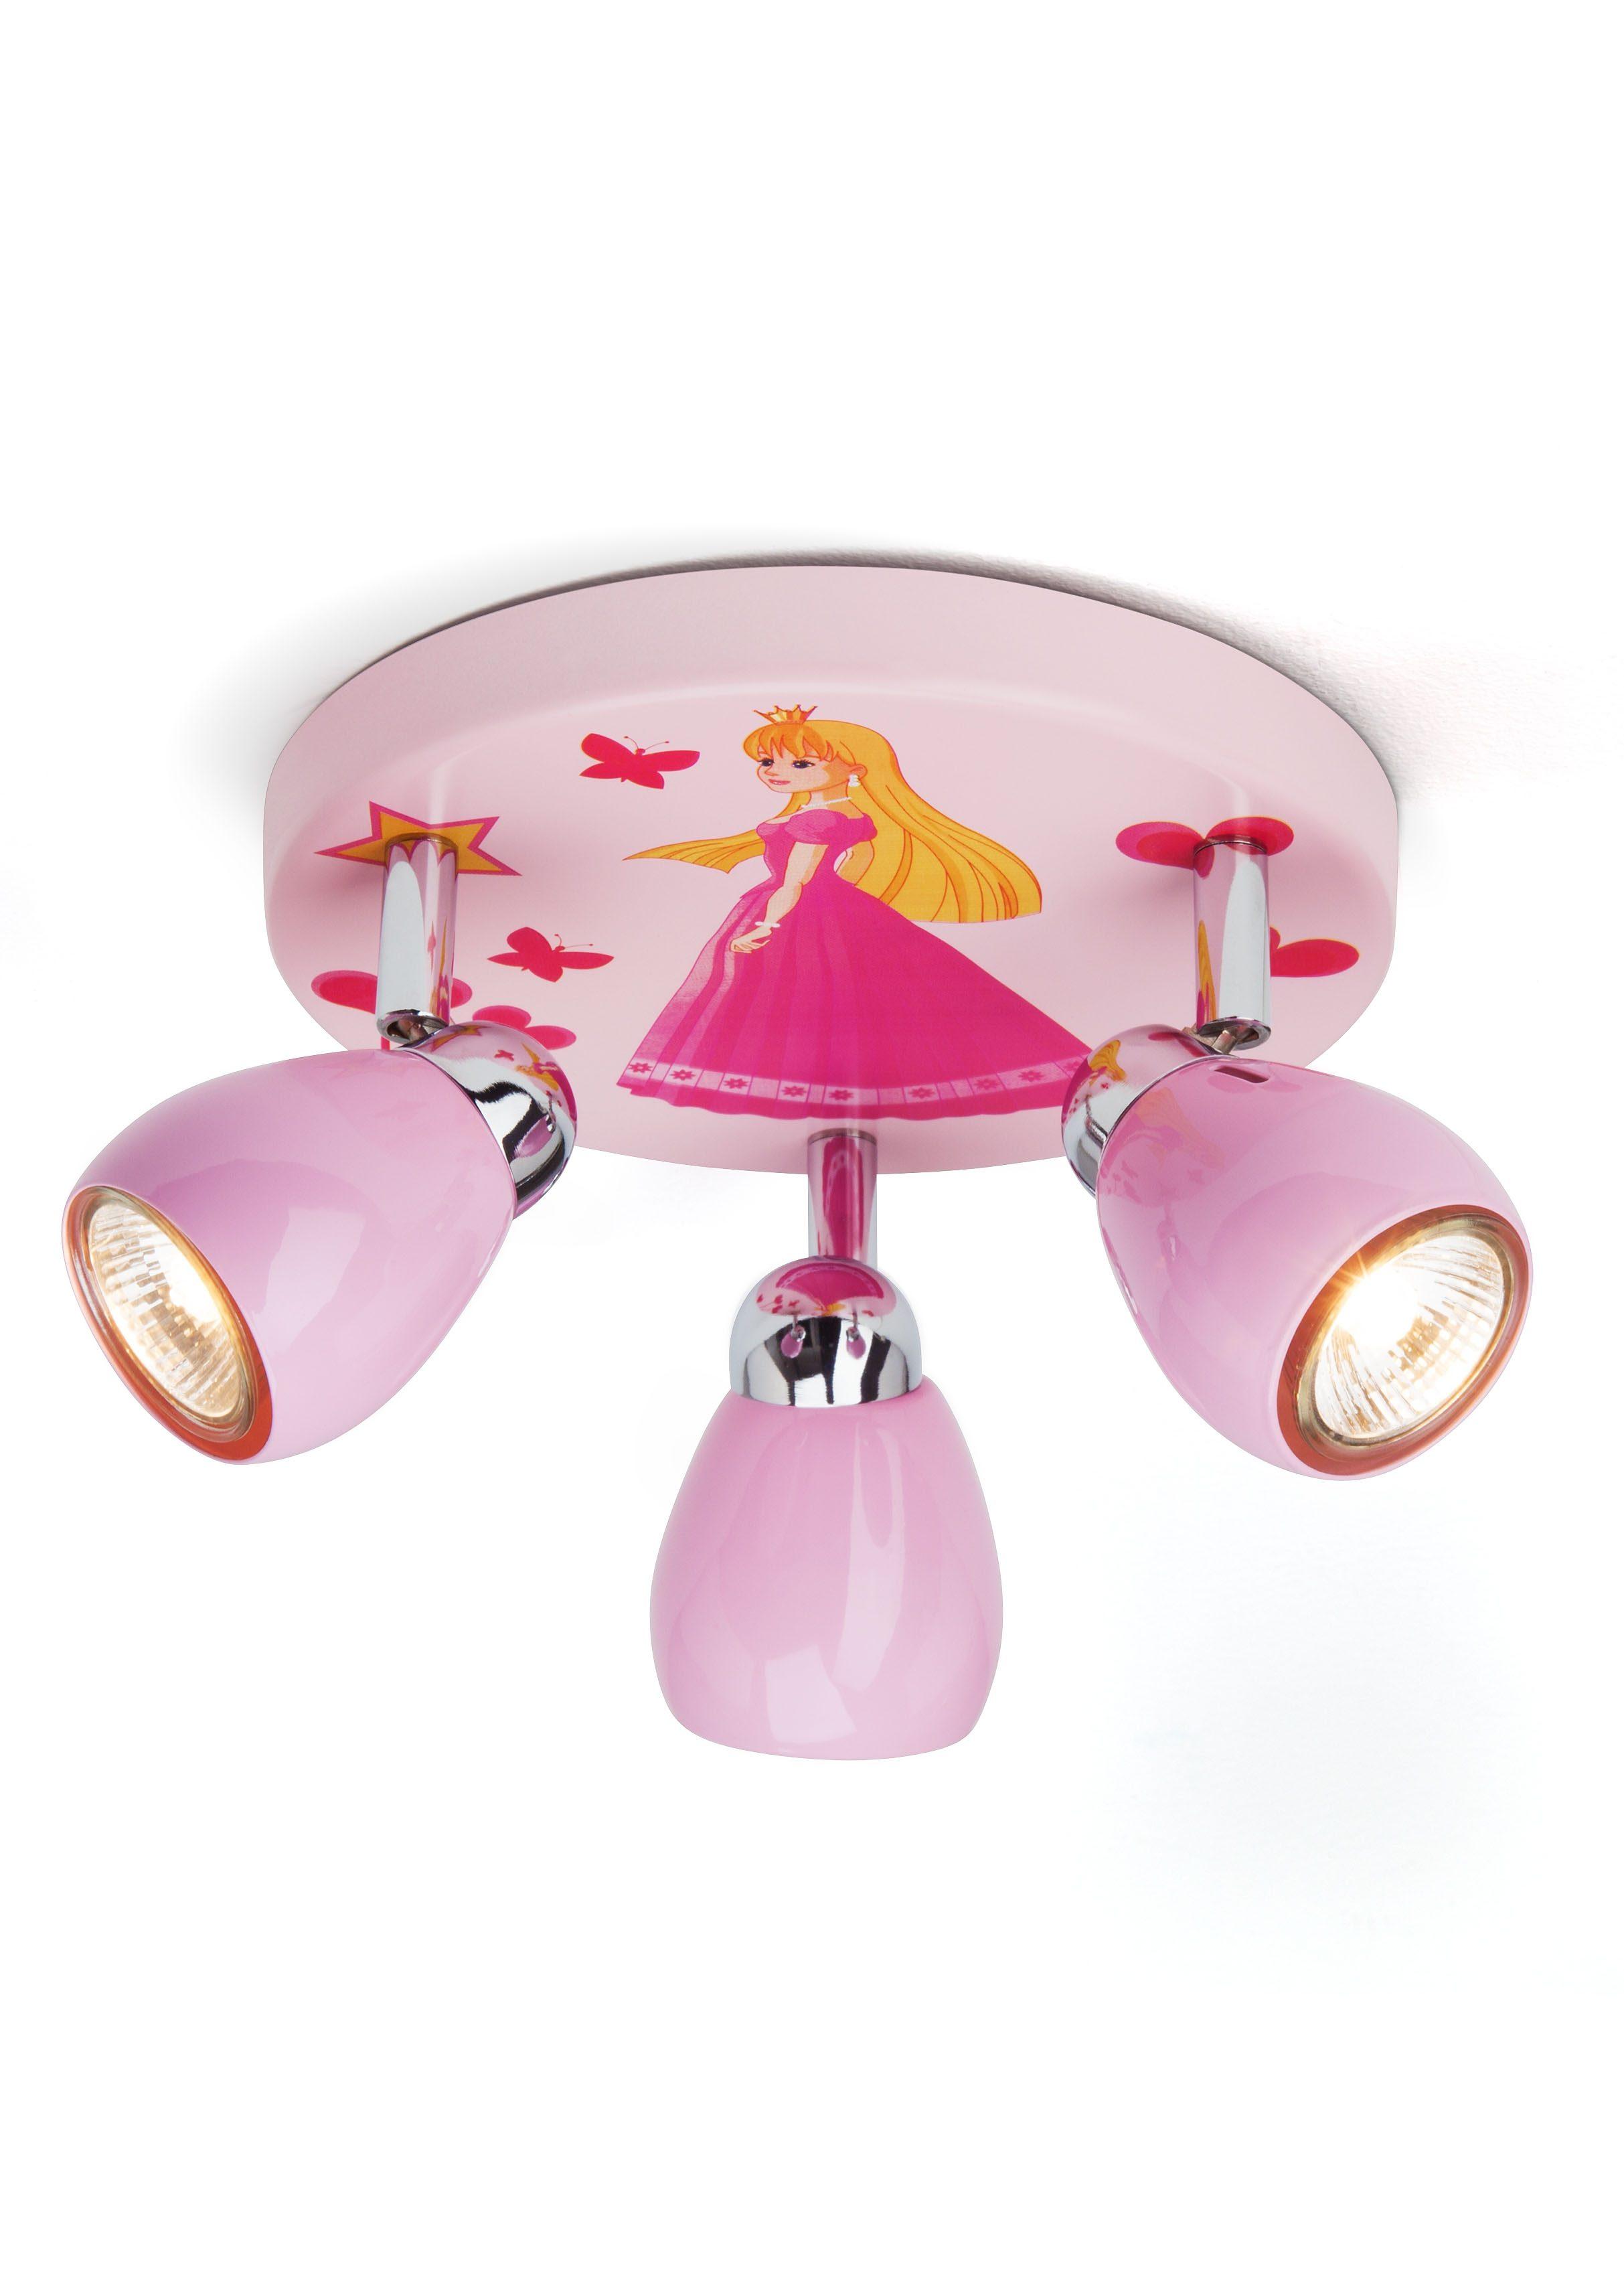 Brilliant Leuchten Deckenstrahler PRINCESS, GU10, Deckenlampe